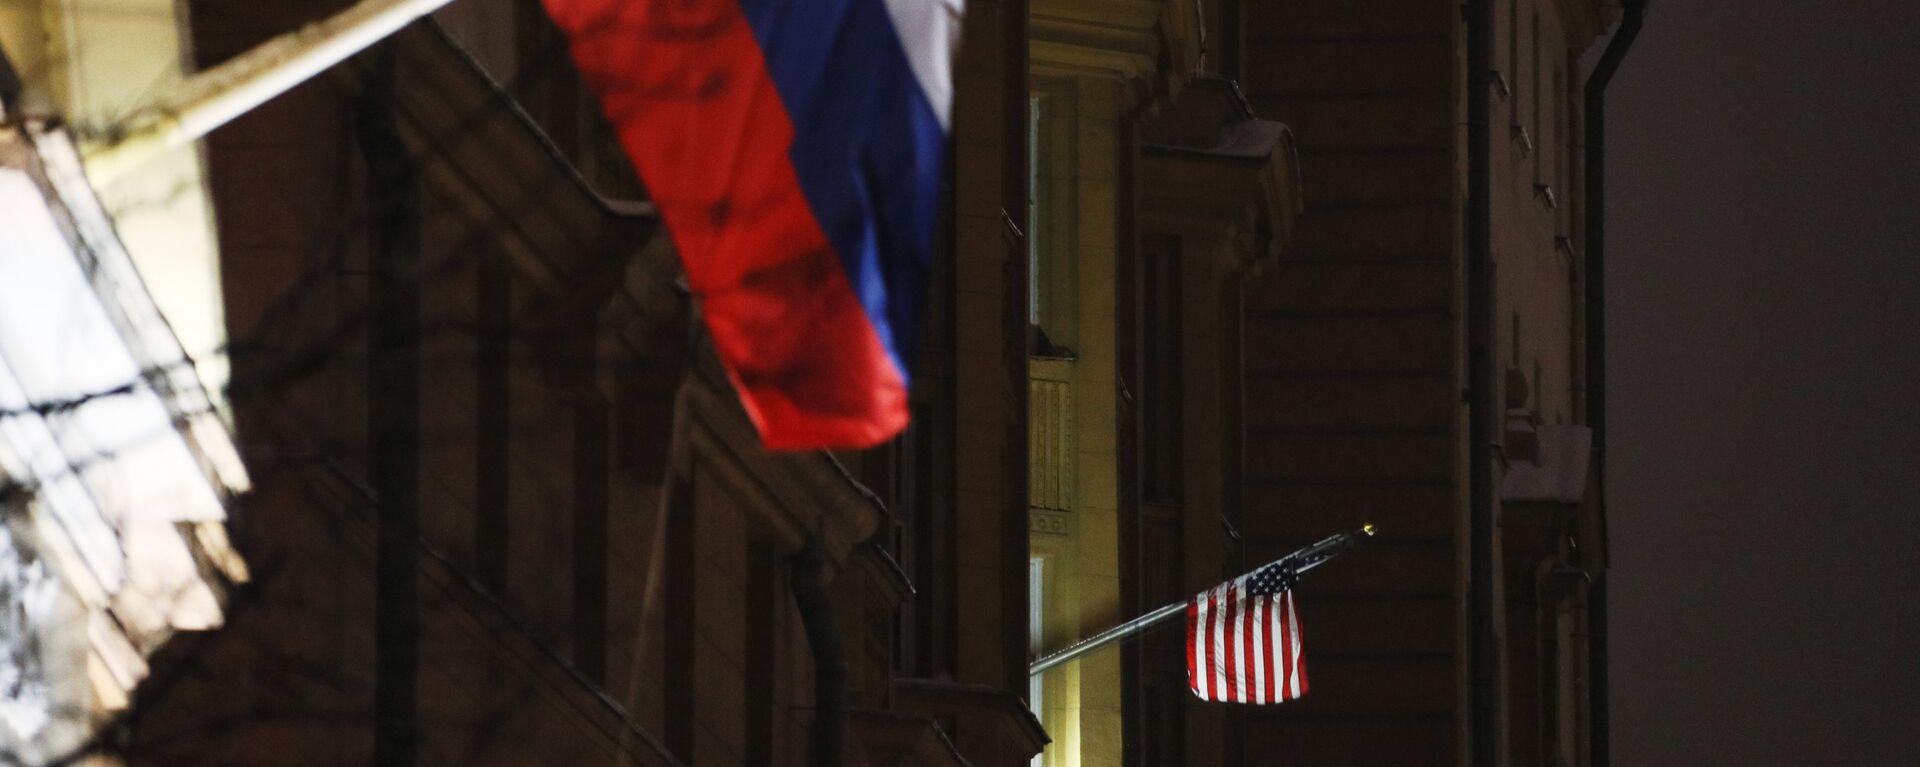 Banderas de Rusia y EEUU - Sputnik Mundo, 1920, 04.03.2021